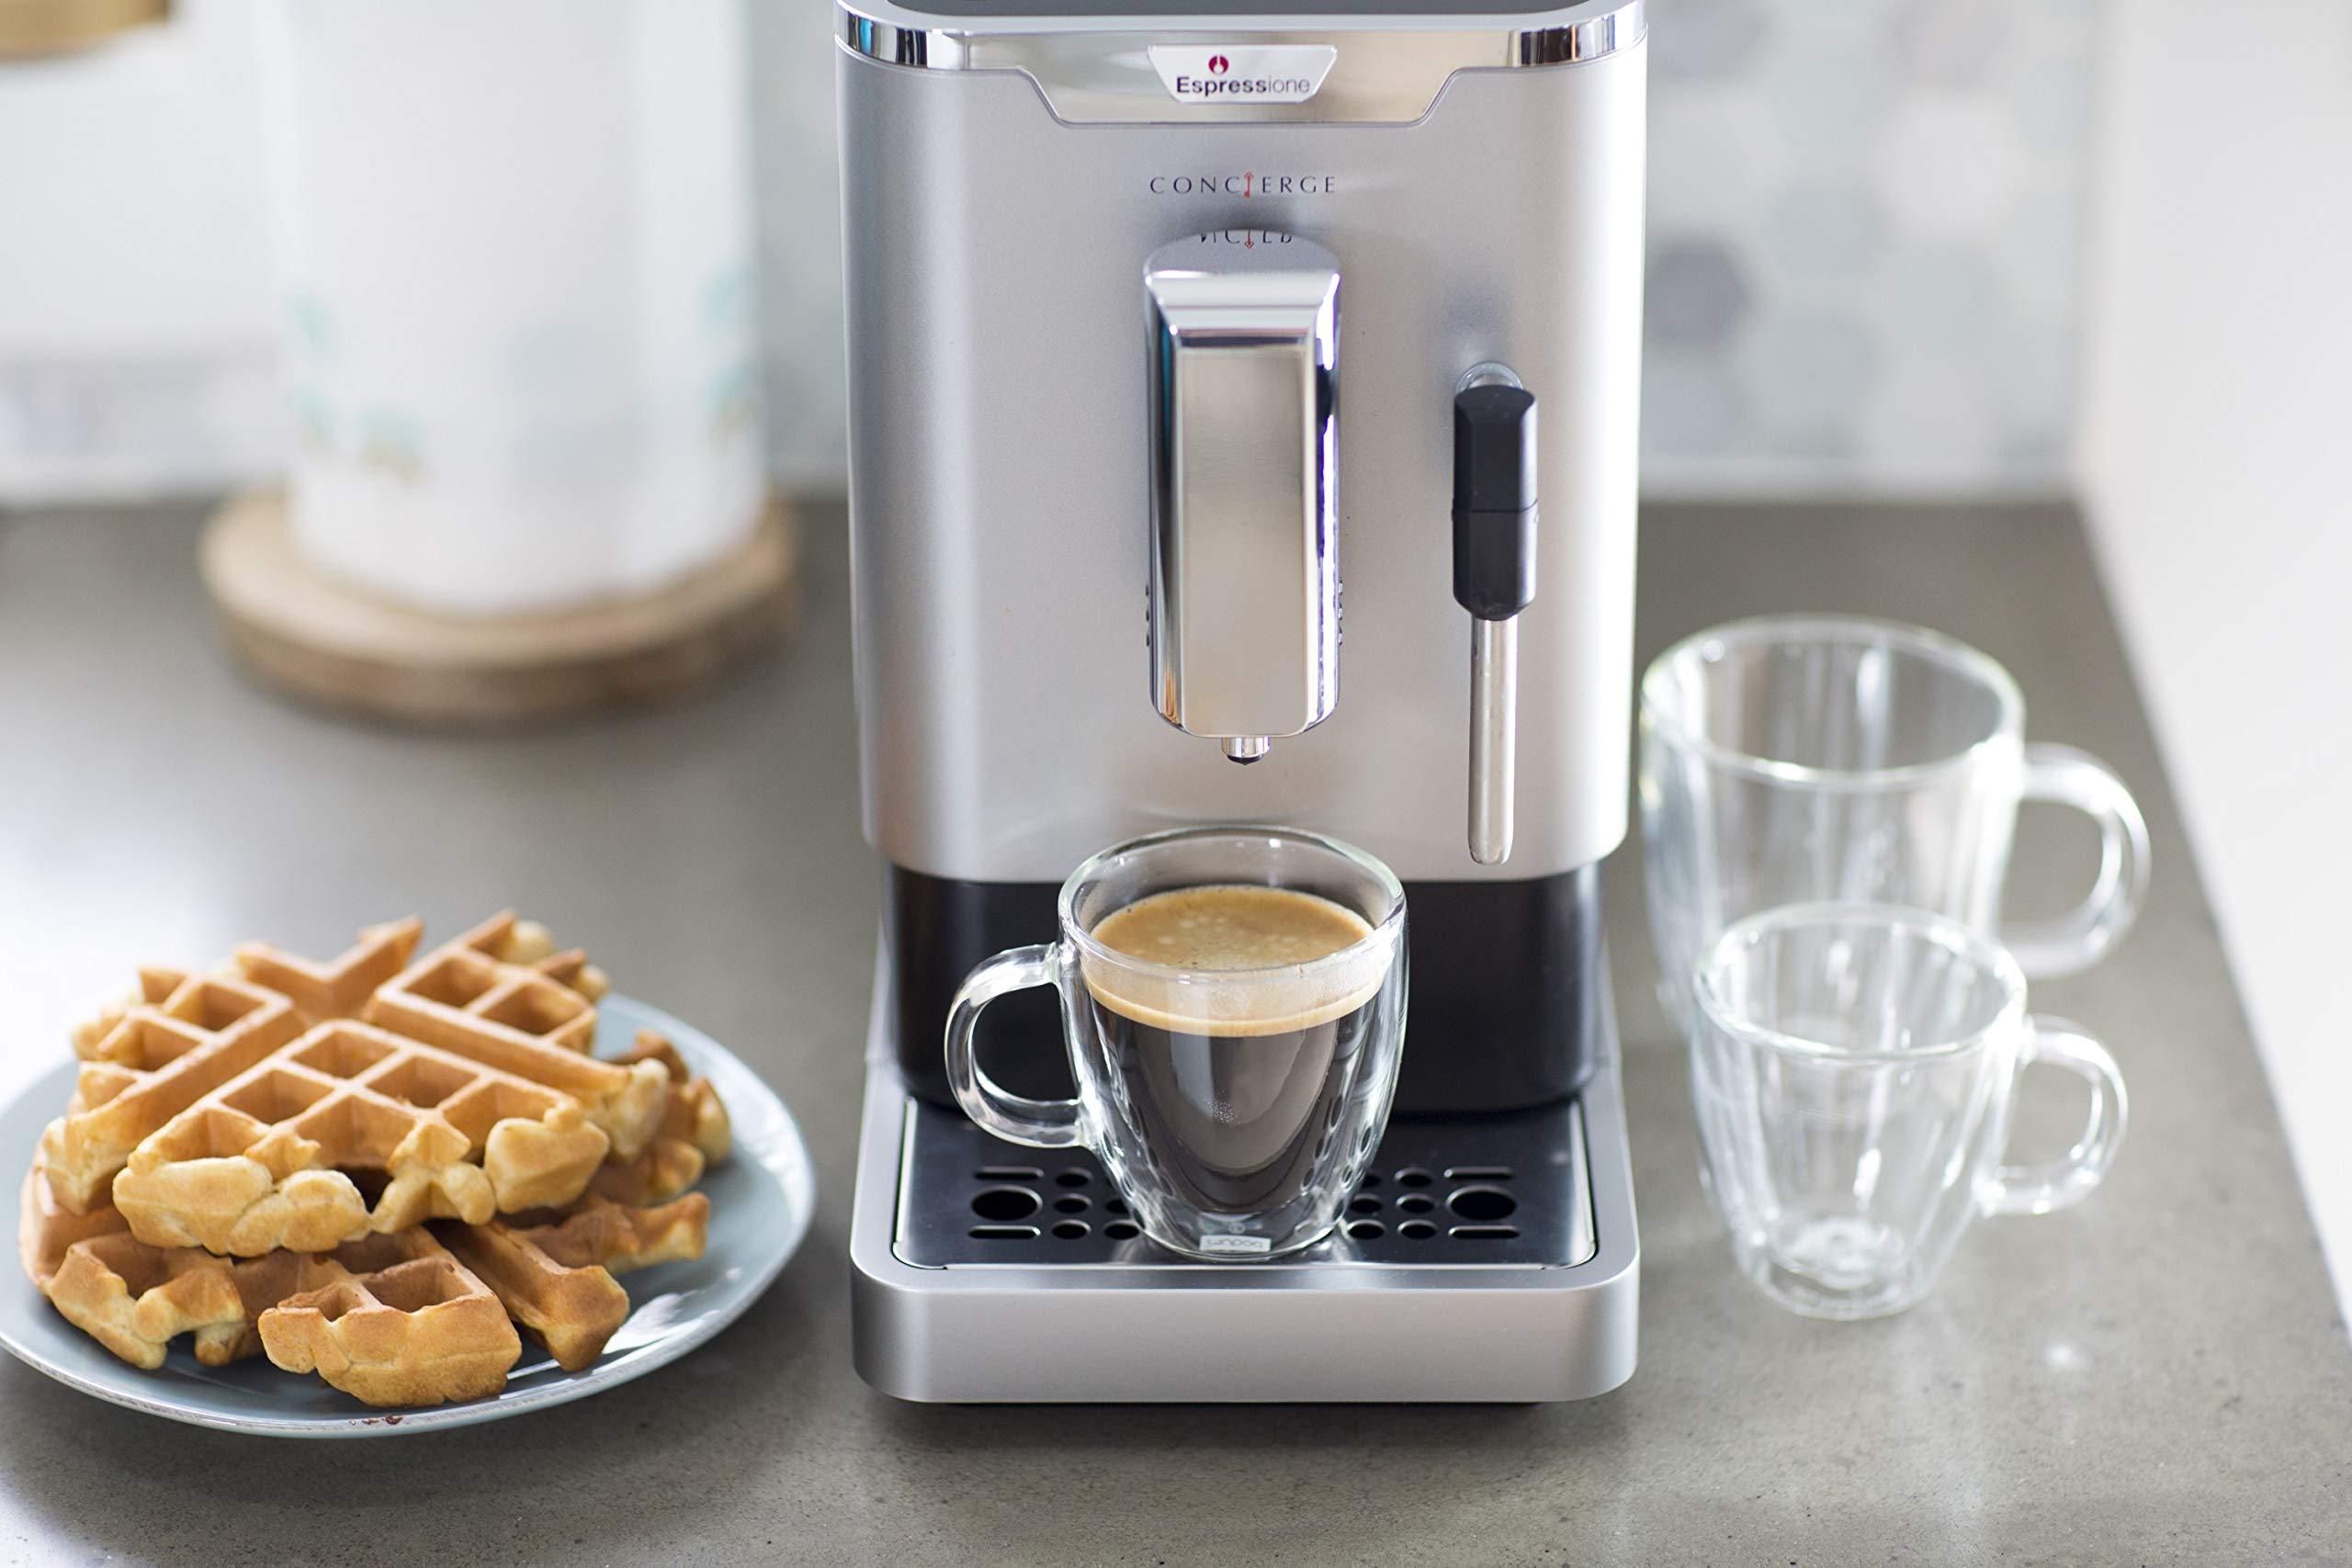 Espressione 8212S Fully Automatic Espresso Machine Silver by Espressione (Image #9)